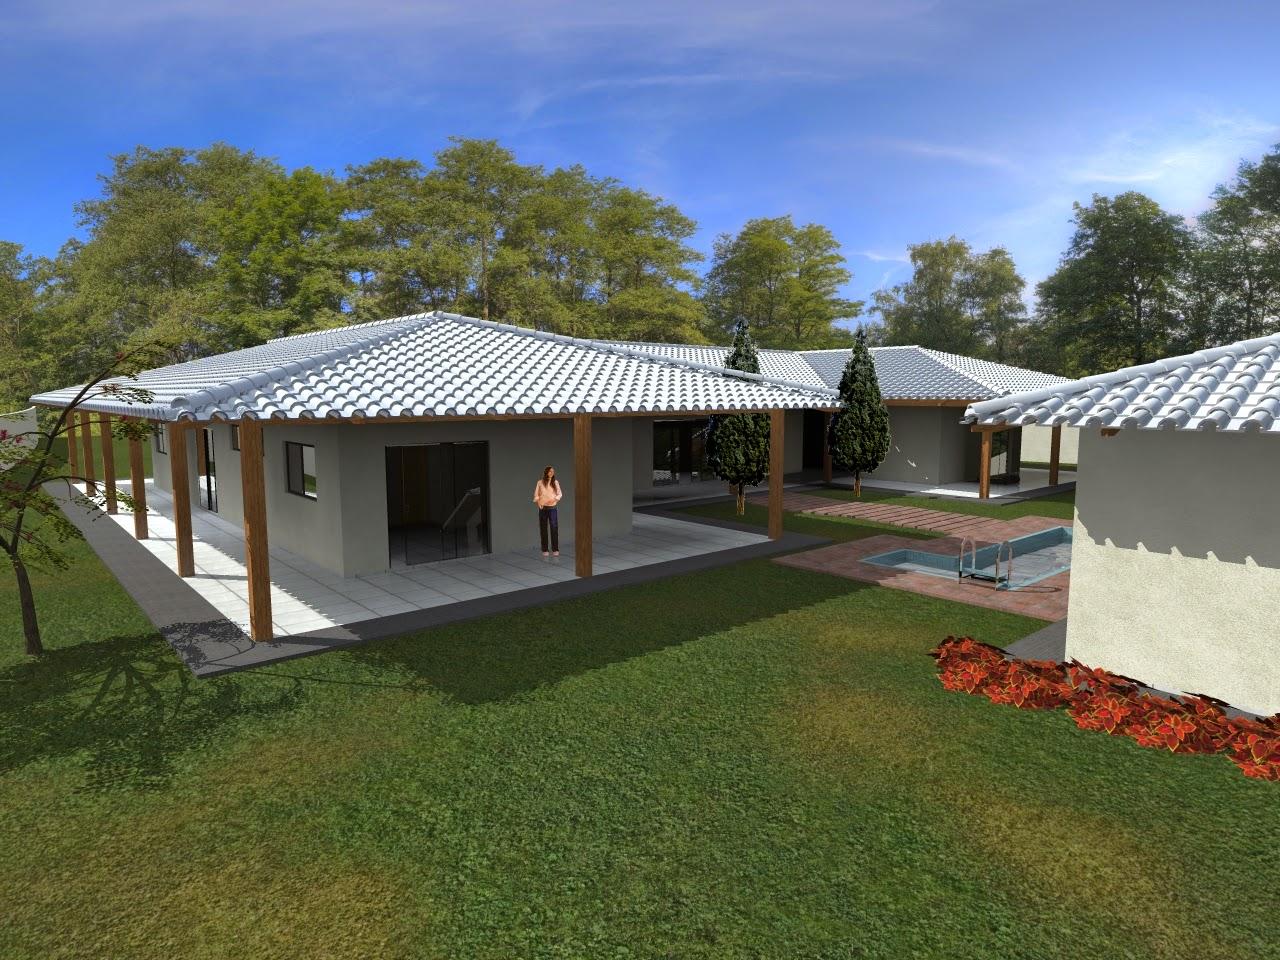 Projetos desenhos casa de campo guas da serra for Casas modernas 4 aguas